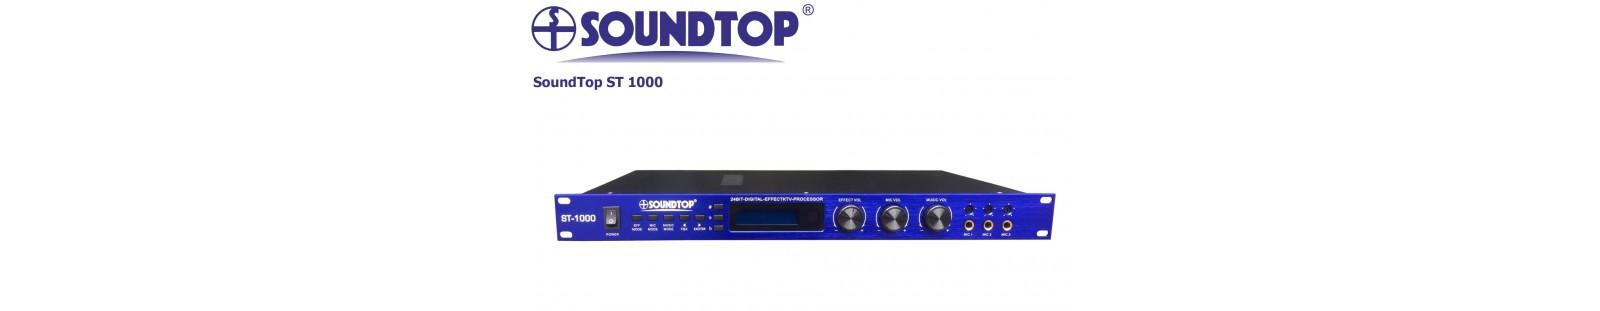 SoundTop ST-1000